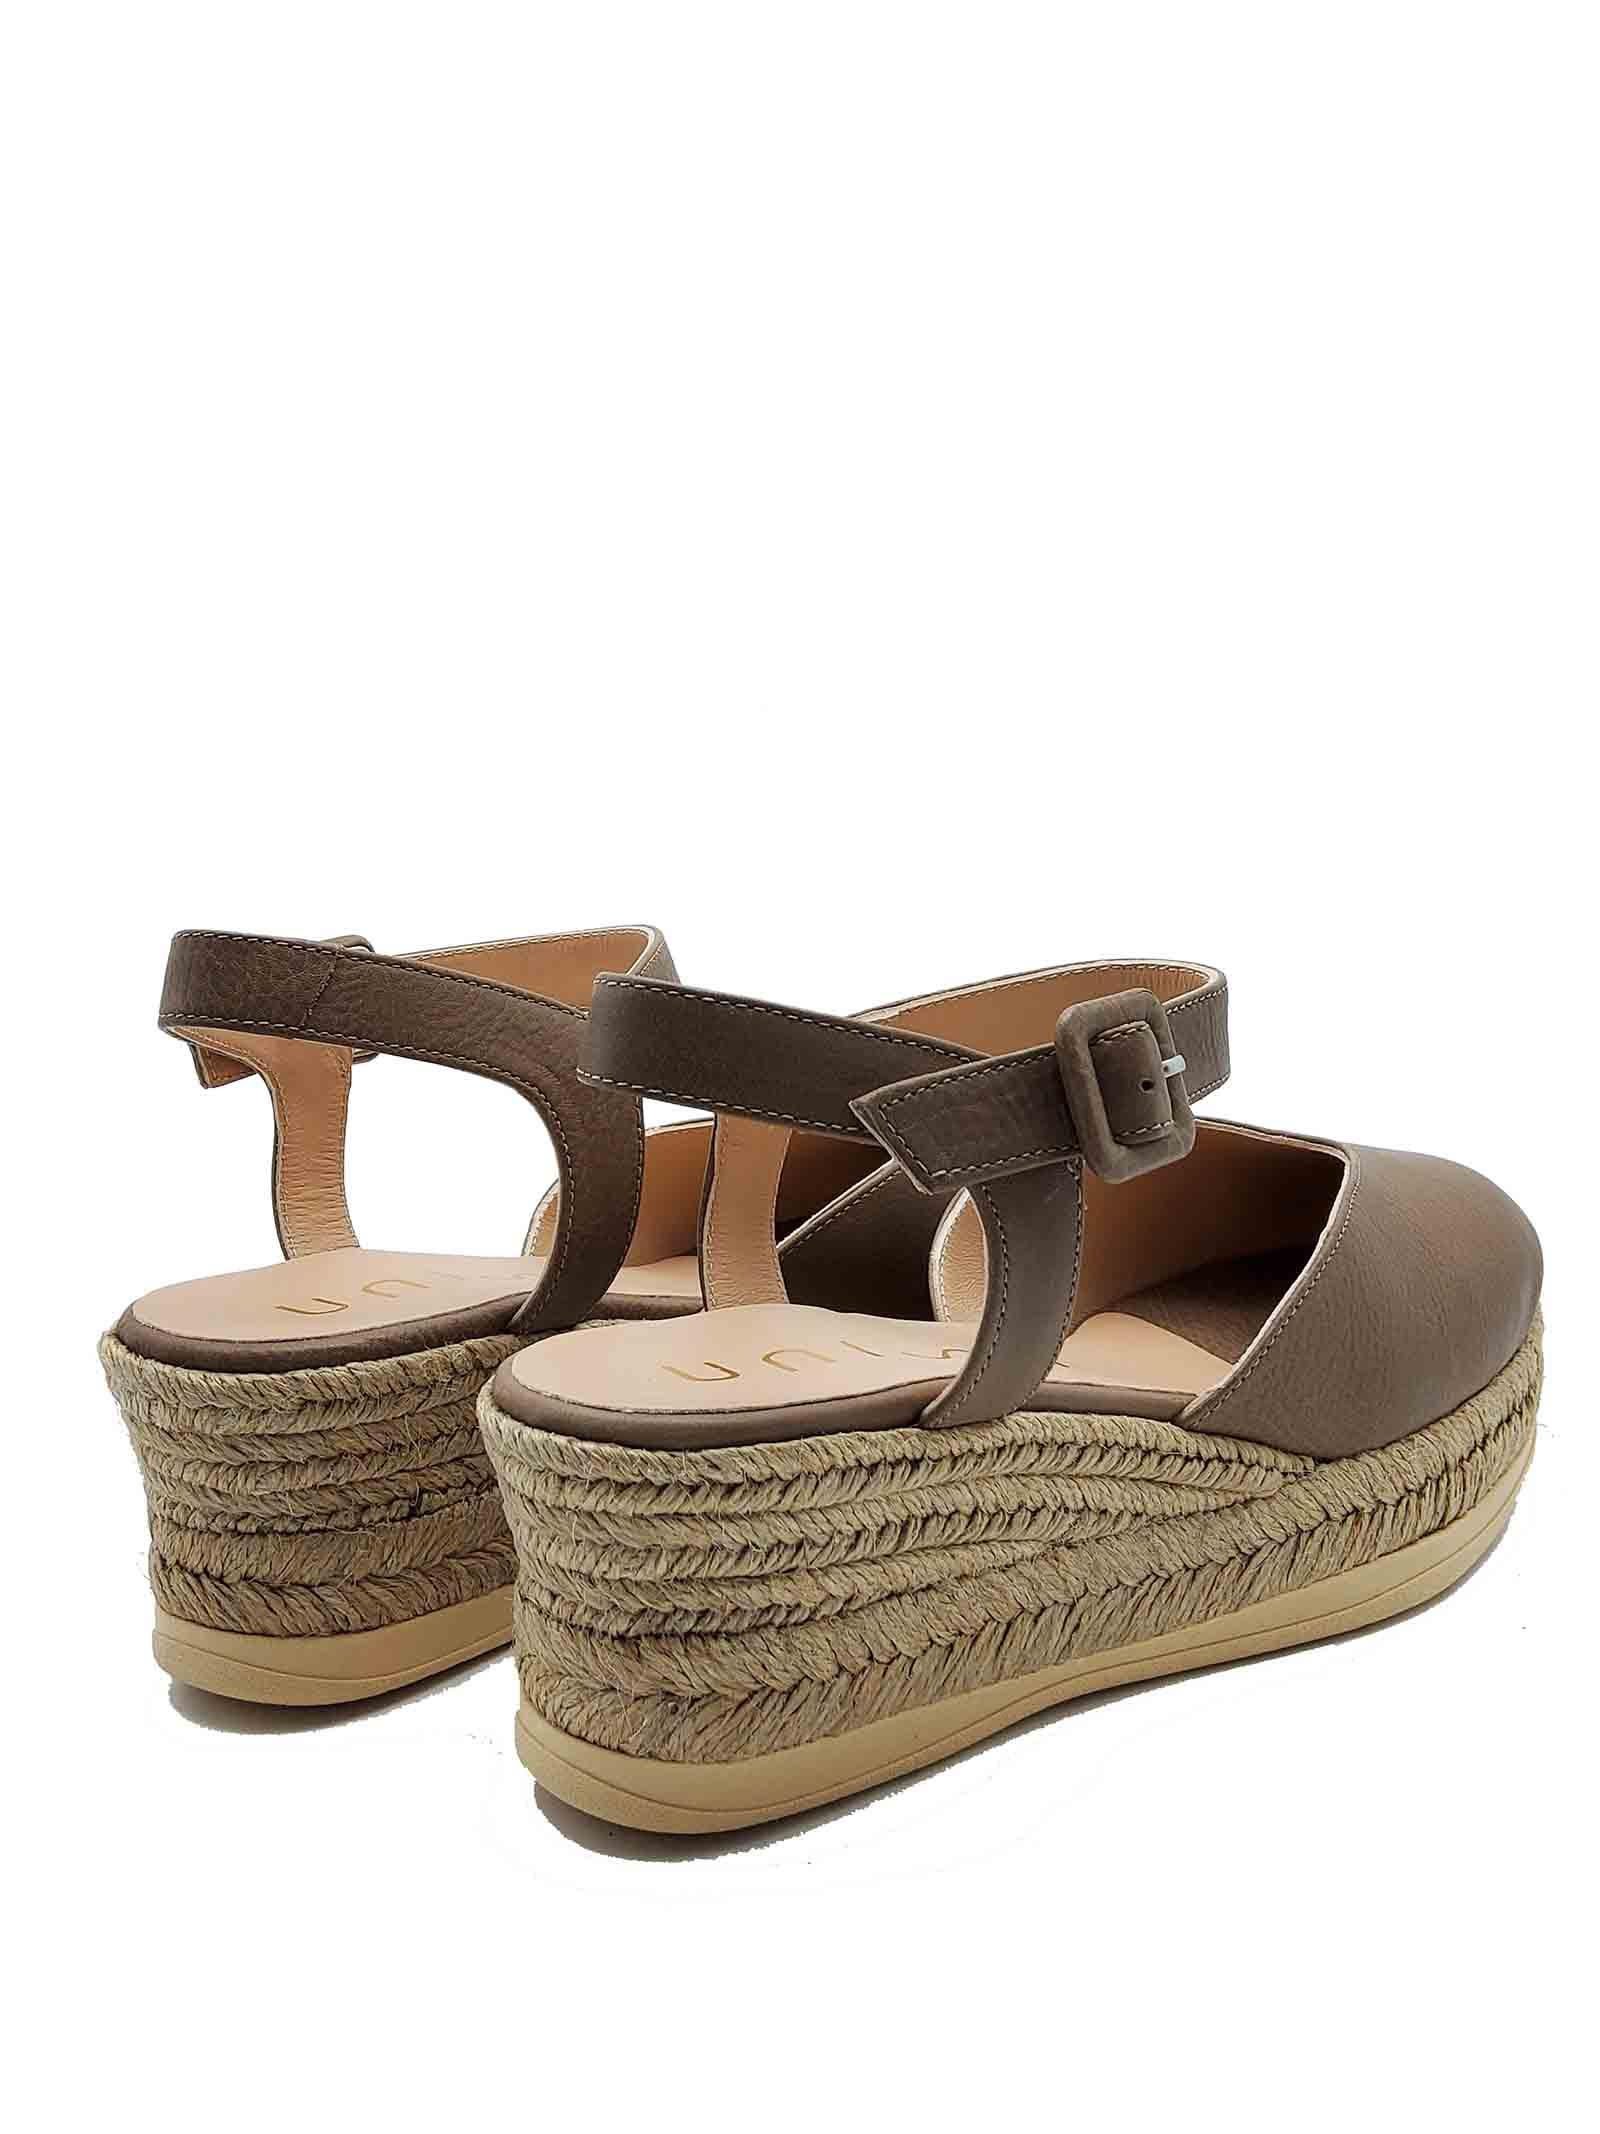 Calzature Donna Sandali Espadrilles in Pelle Taupe con Cinturino alla Caviglia e Punta Chiusa Unisa | Sandali Zeppa | CEINOS023